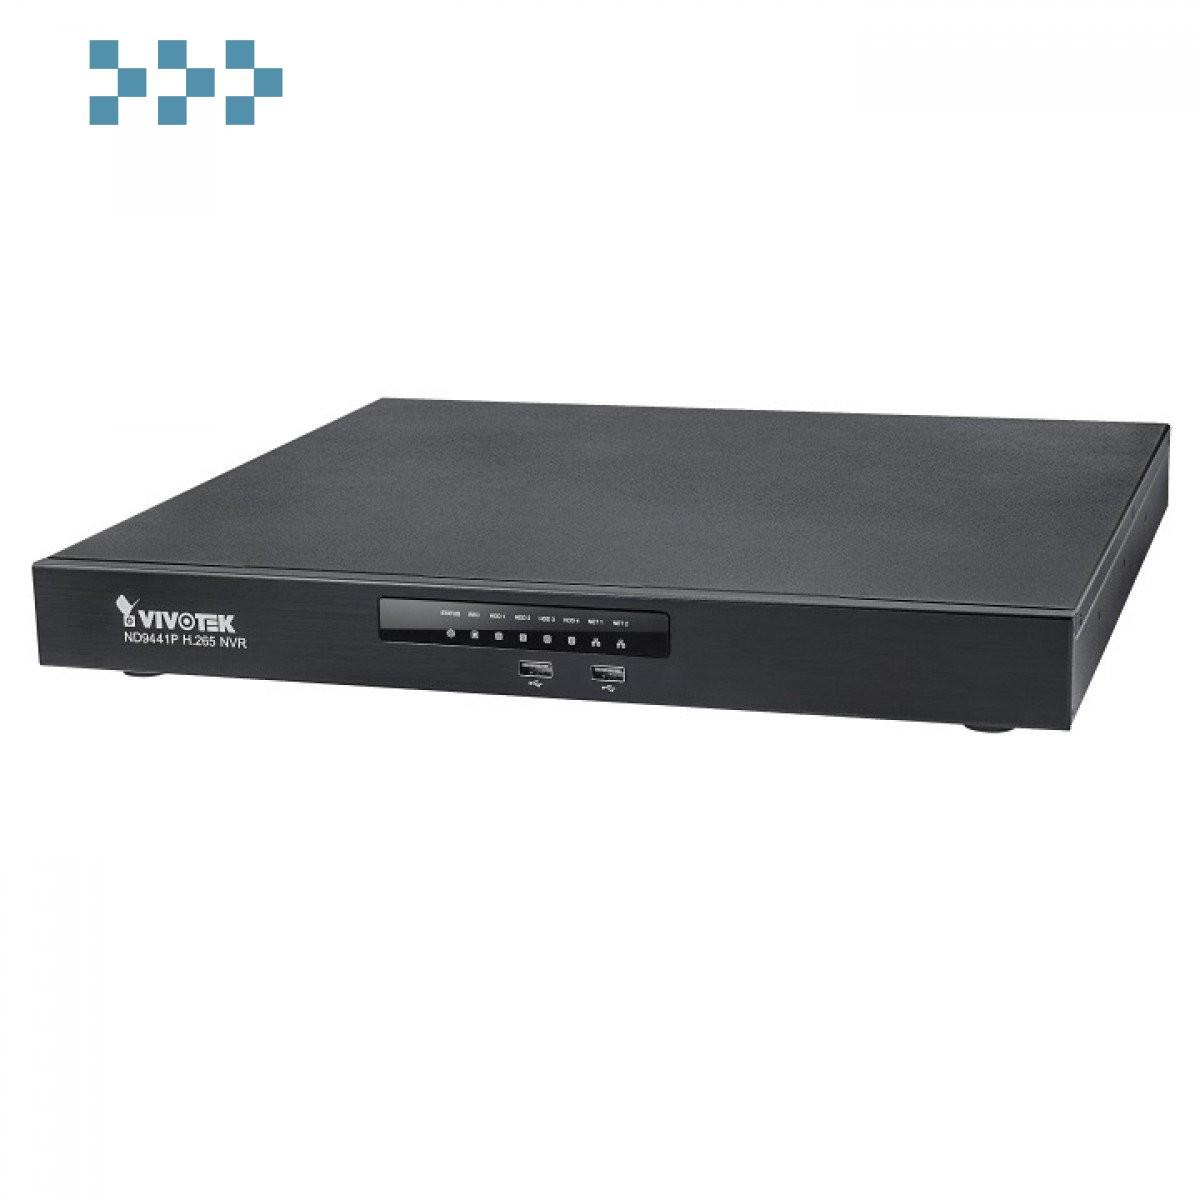 Cетевой видеорегистратор VIVOTEK ND9541P